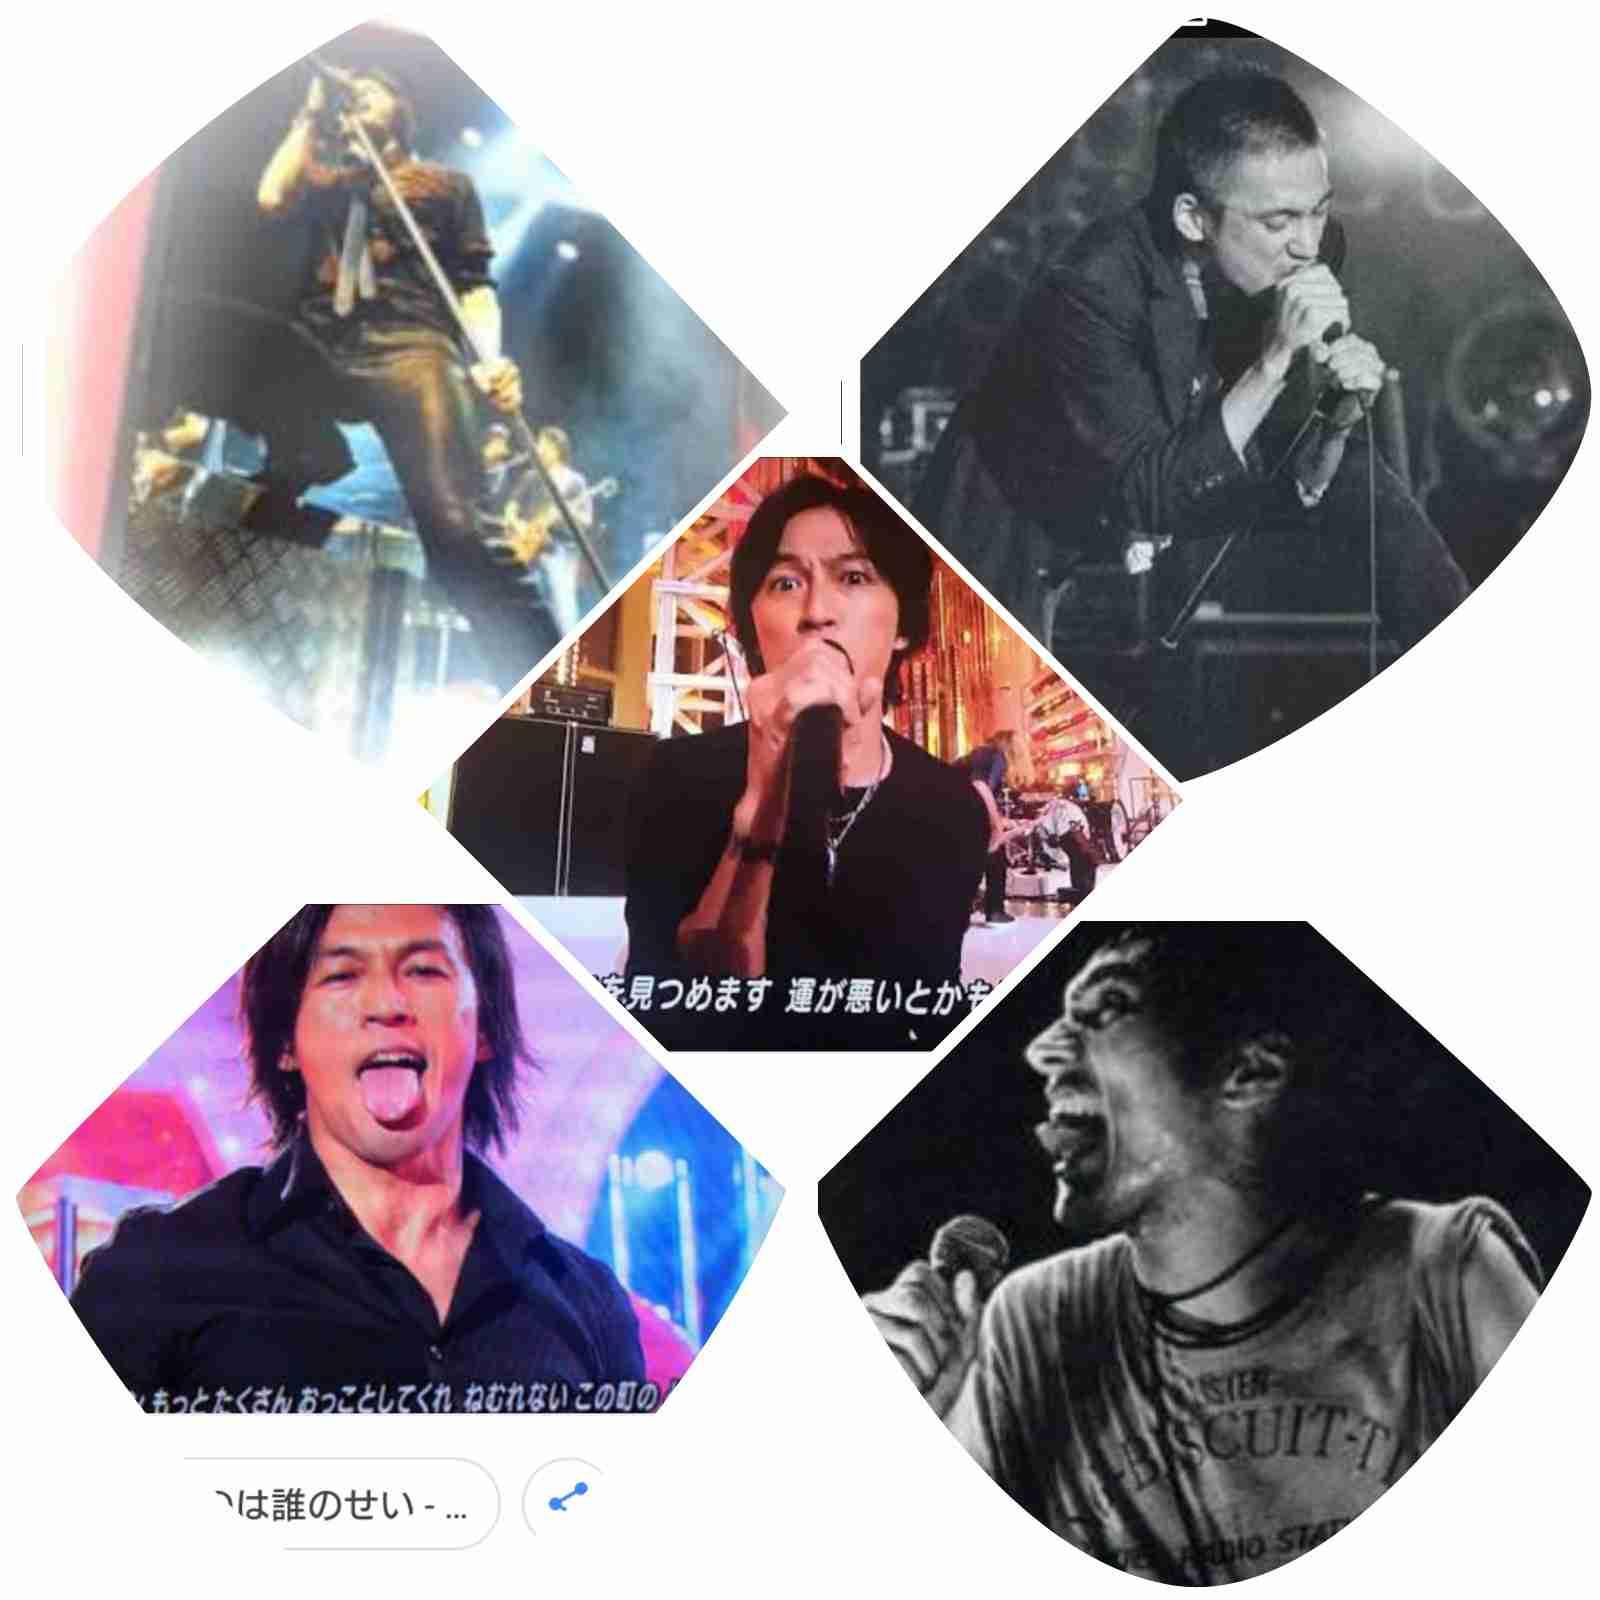 魂(ソウル)を感じる歌声を持った歌手!